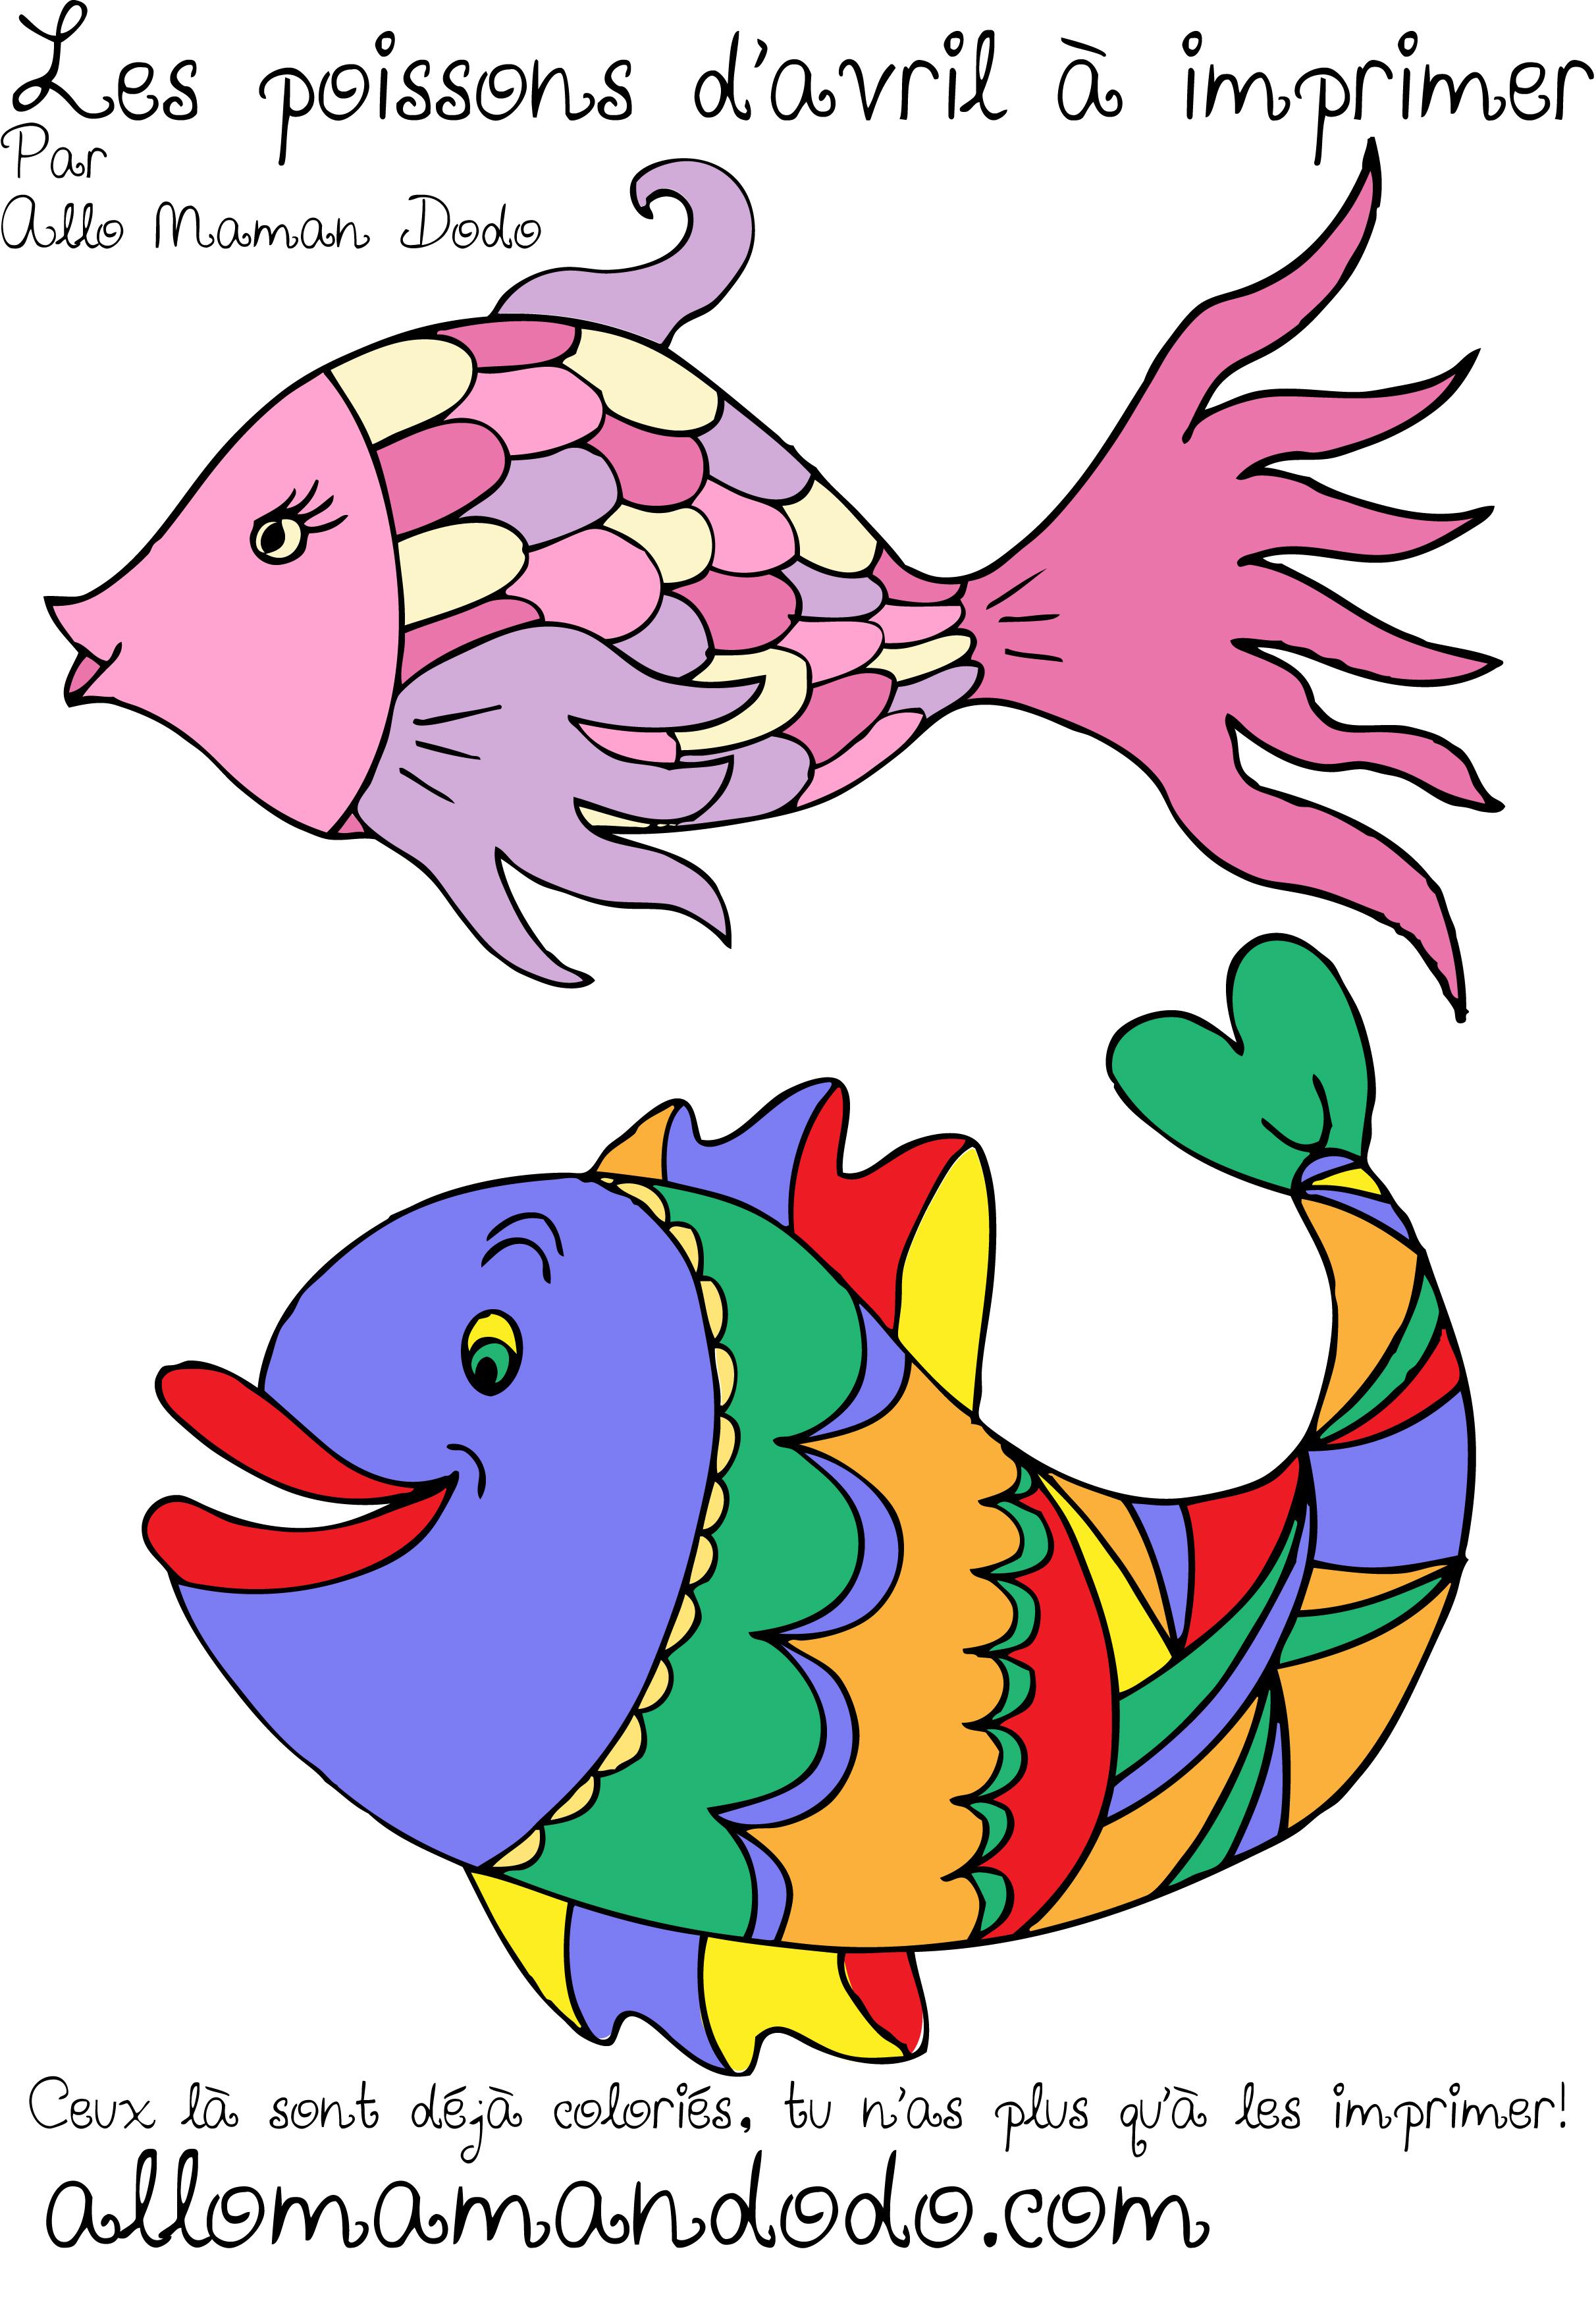 Des poissons imprimer colorier et accrocher poisson d 39 avril allo maman dodo - Poisson dessin couleur ...